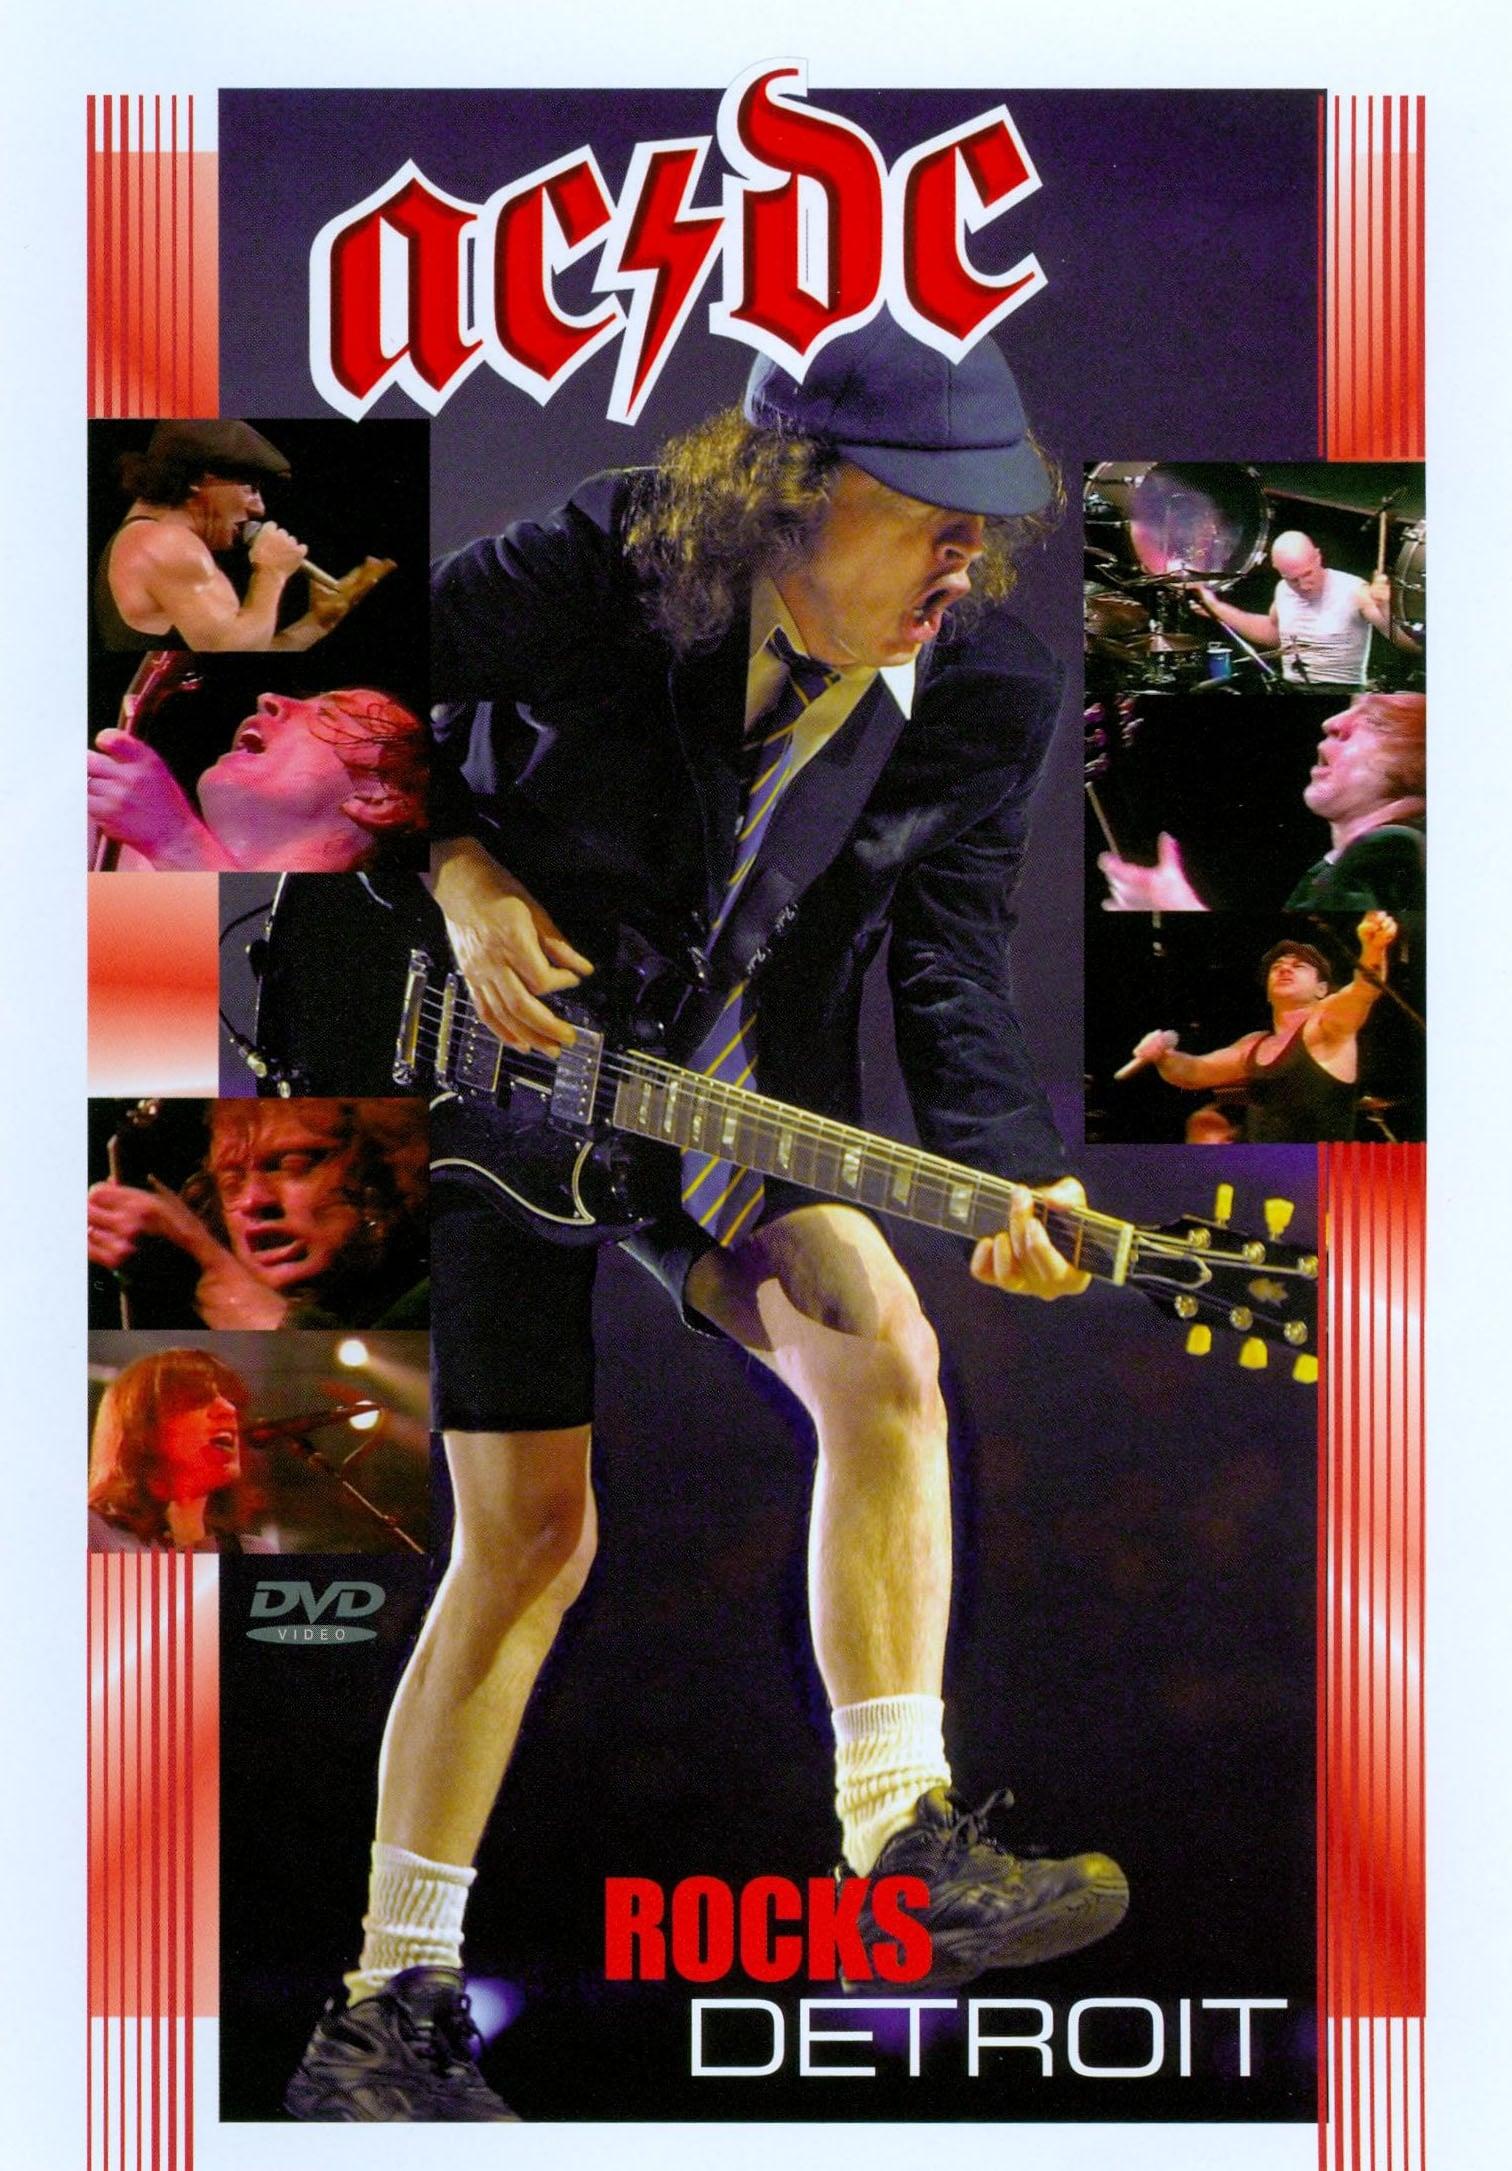 AC/DC - Rocks Detroit (1990)